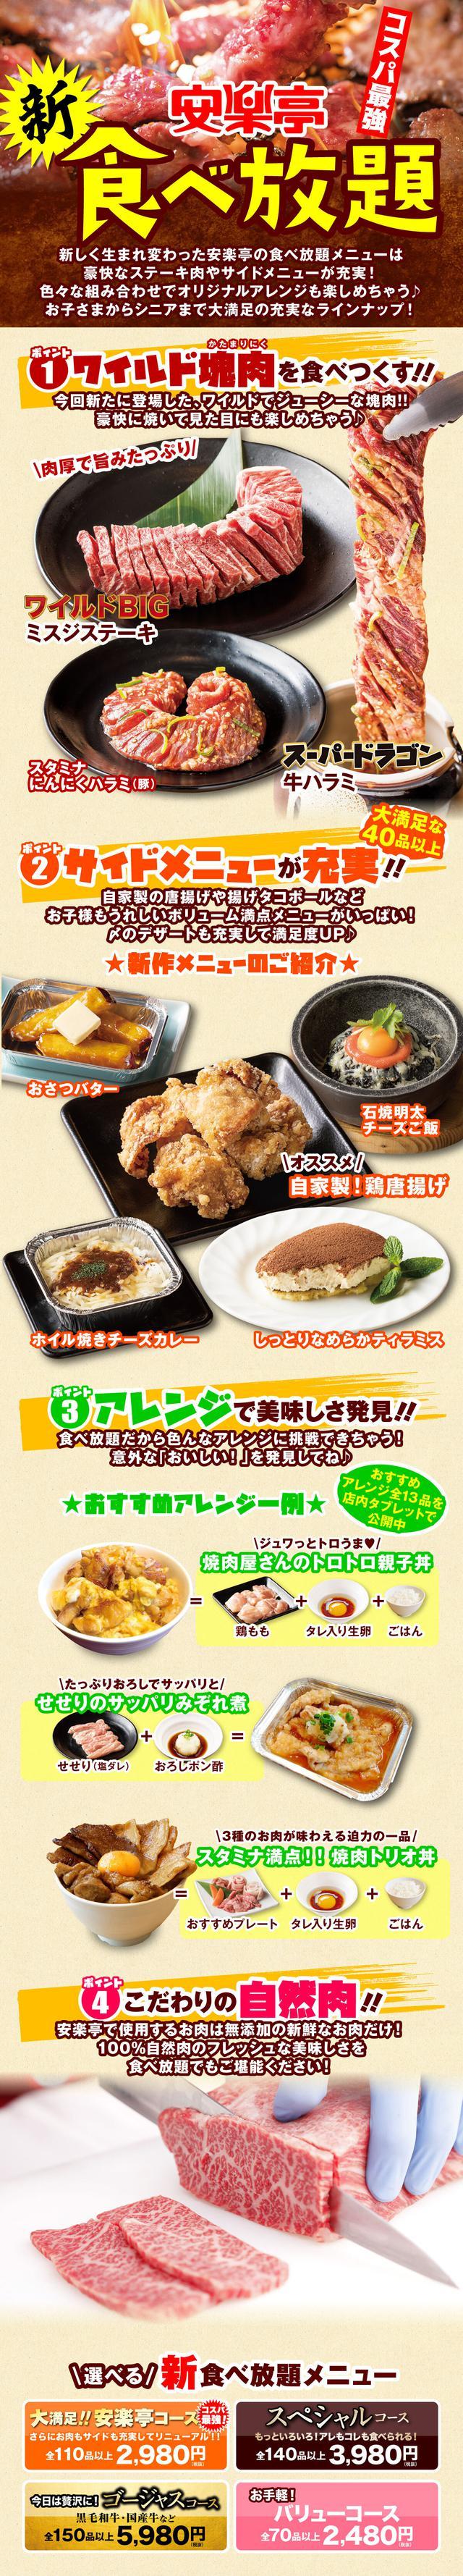 画像: 焼肉レストラン 安楽亭